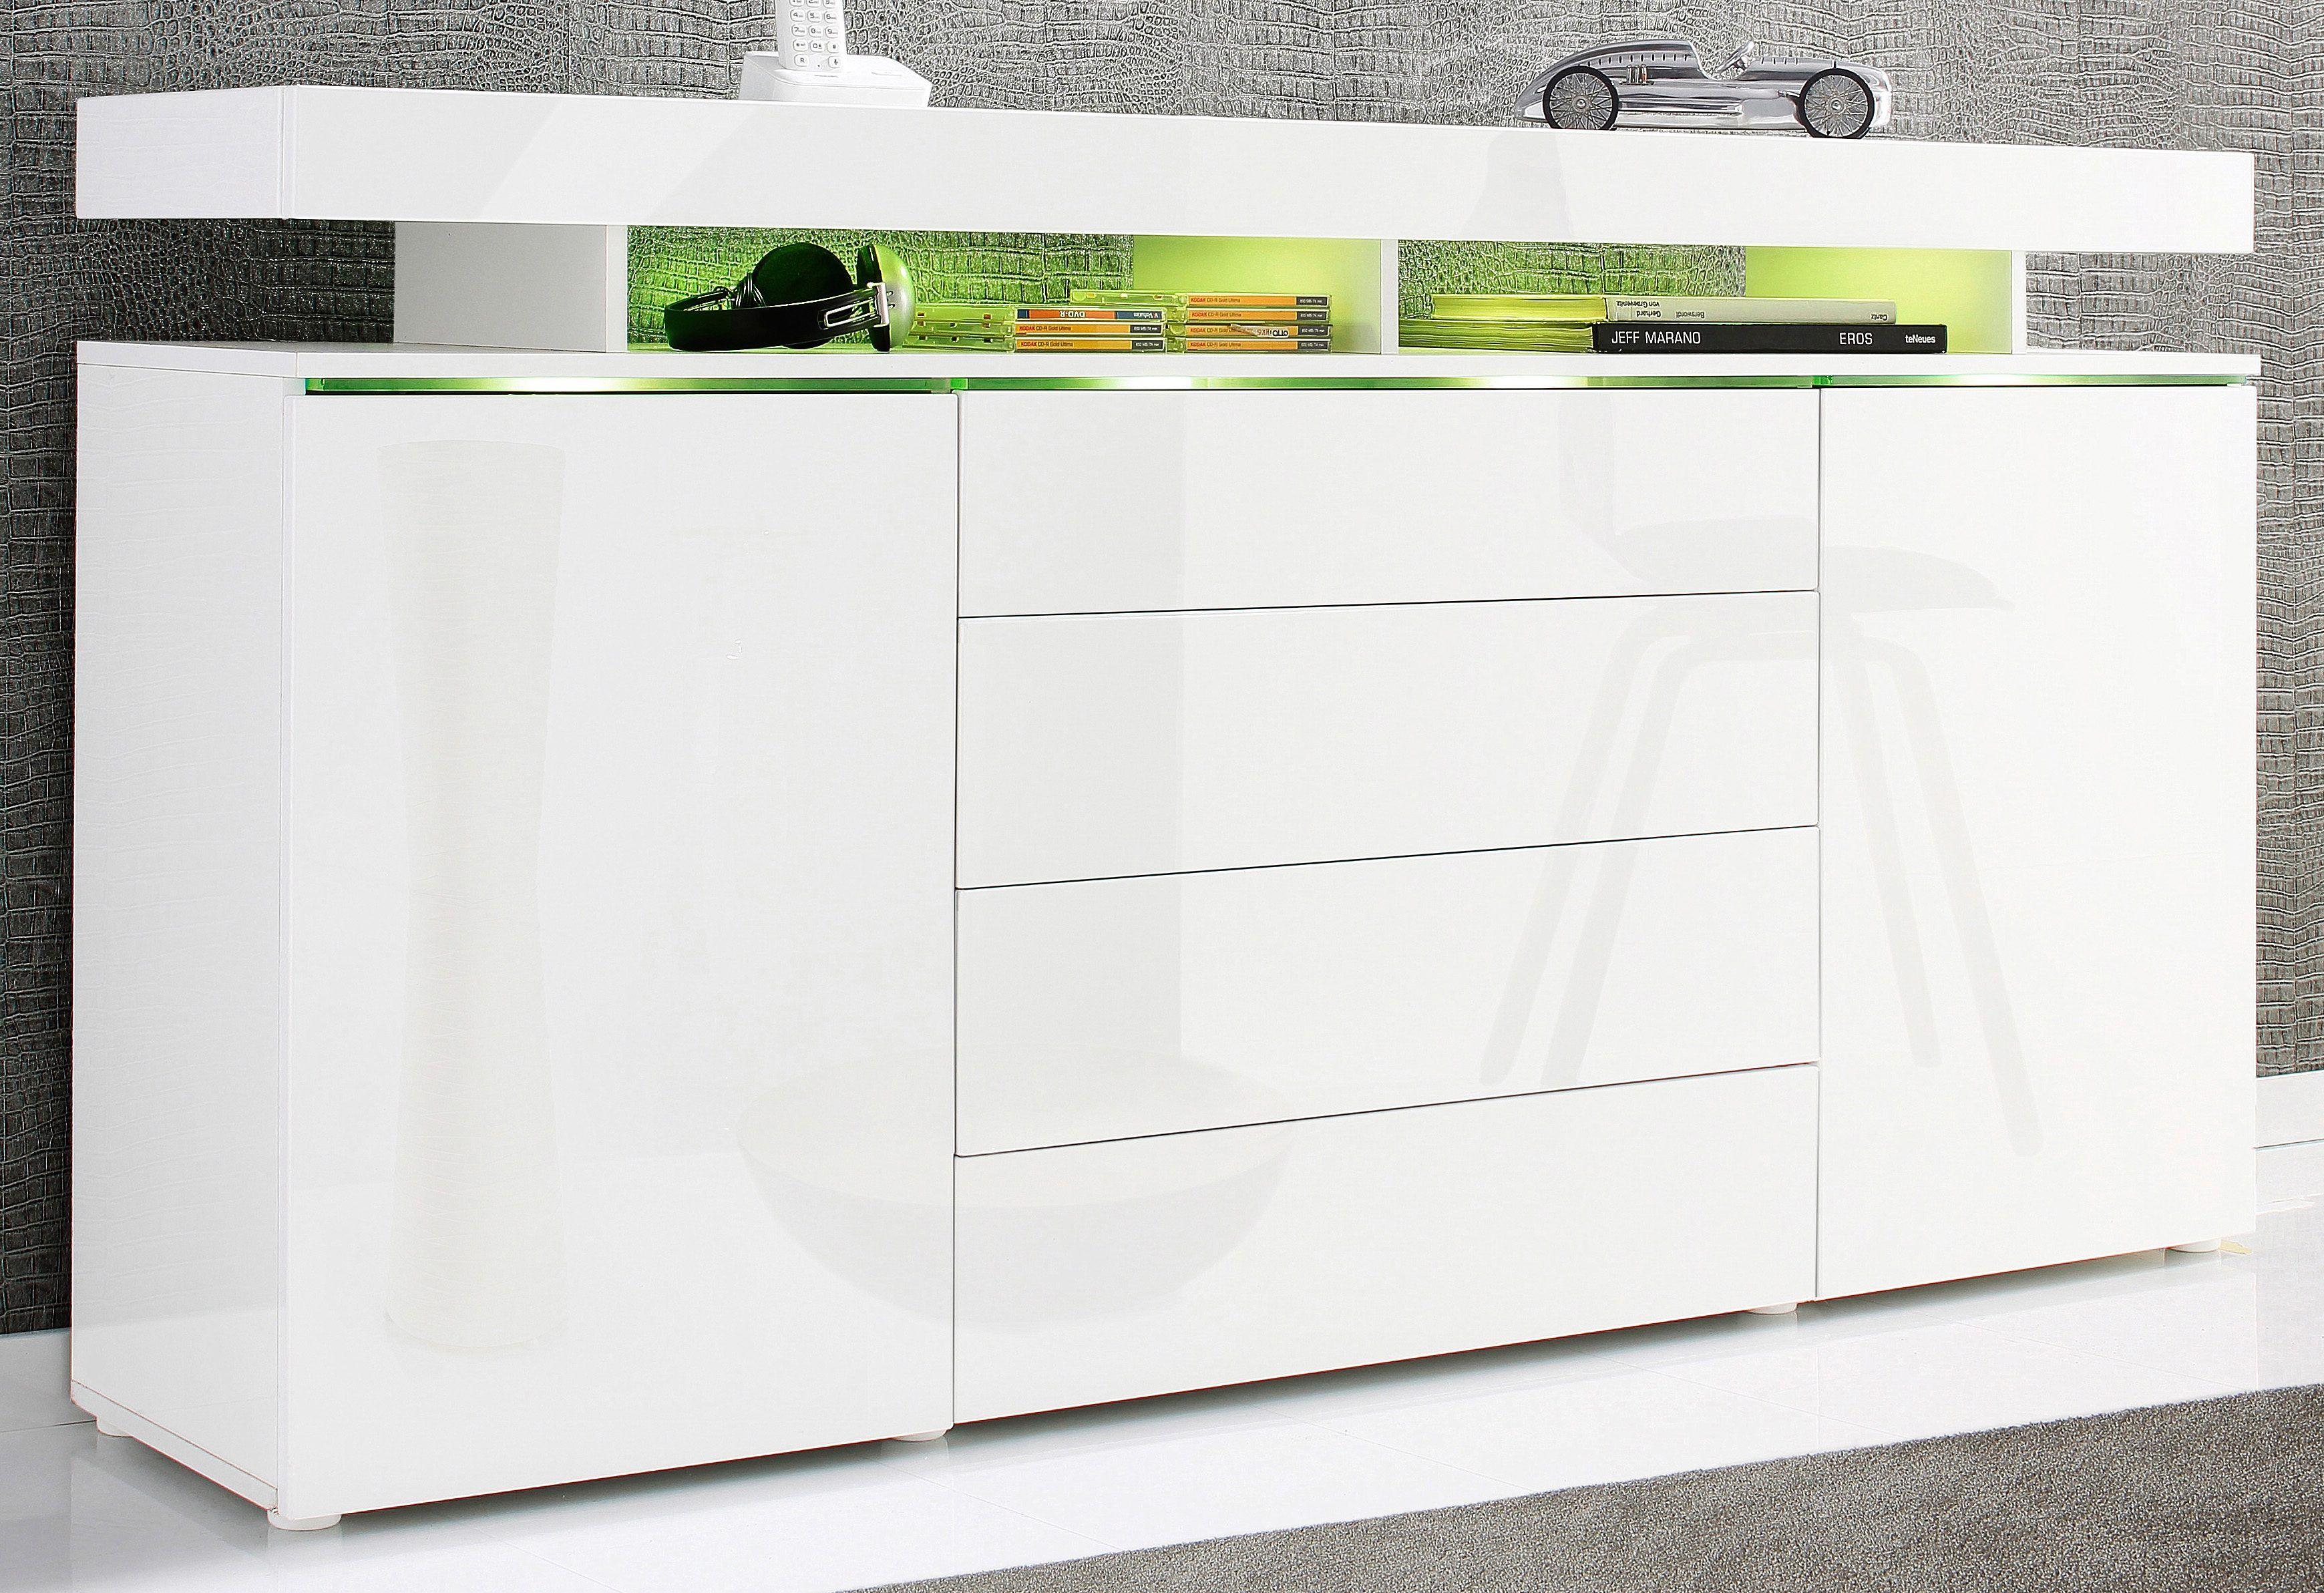 Sideboard Weiß, Hochglanz Fronten, Push To Open Funktion, Mit Schubkästen,